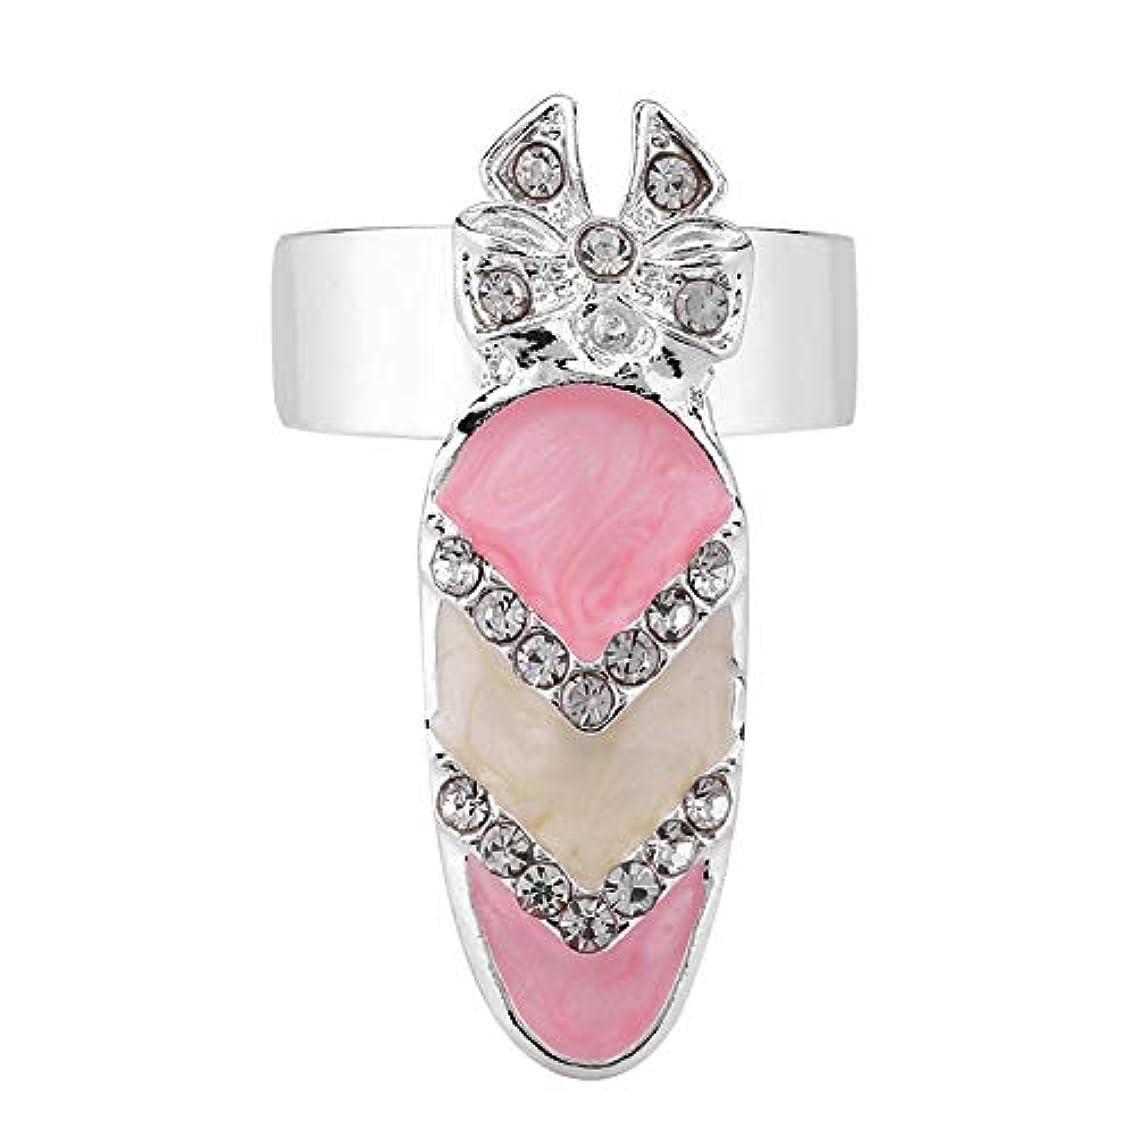 Semmeちょう結びのナックルの釘のリング、指の釘の指輪6種類のちょう結びの水晶指の釘の芸術のリングの女性の贅沢な指の釘のリングの方法ちょう結びの釘の釘のリングの装飾(5#)